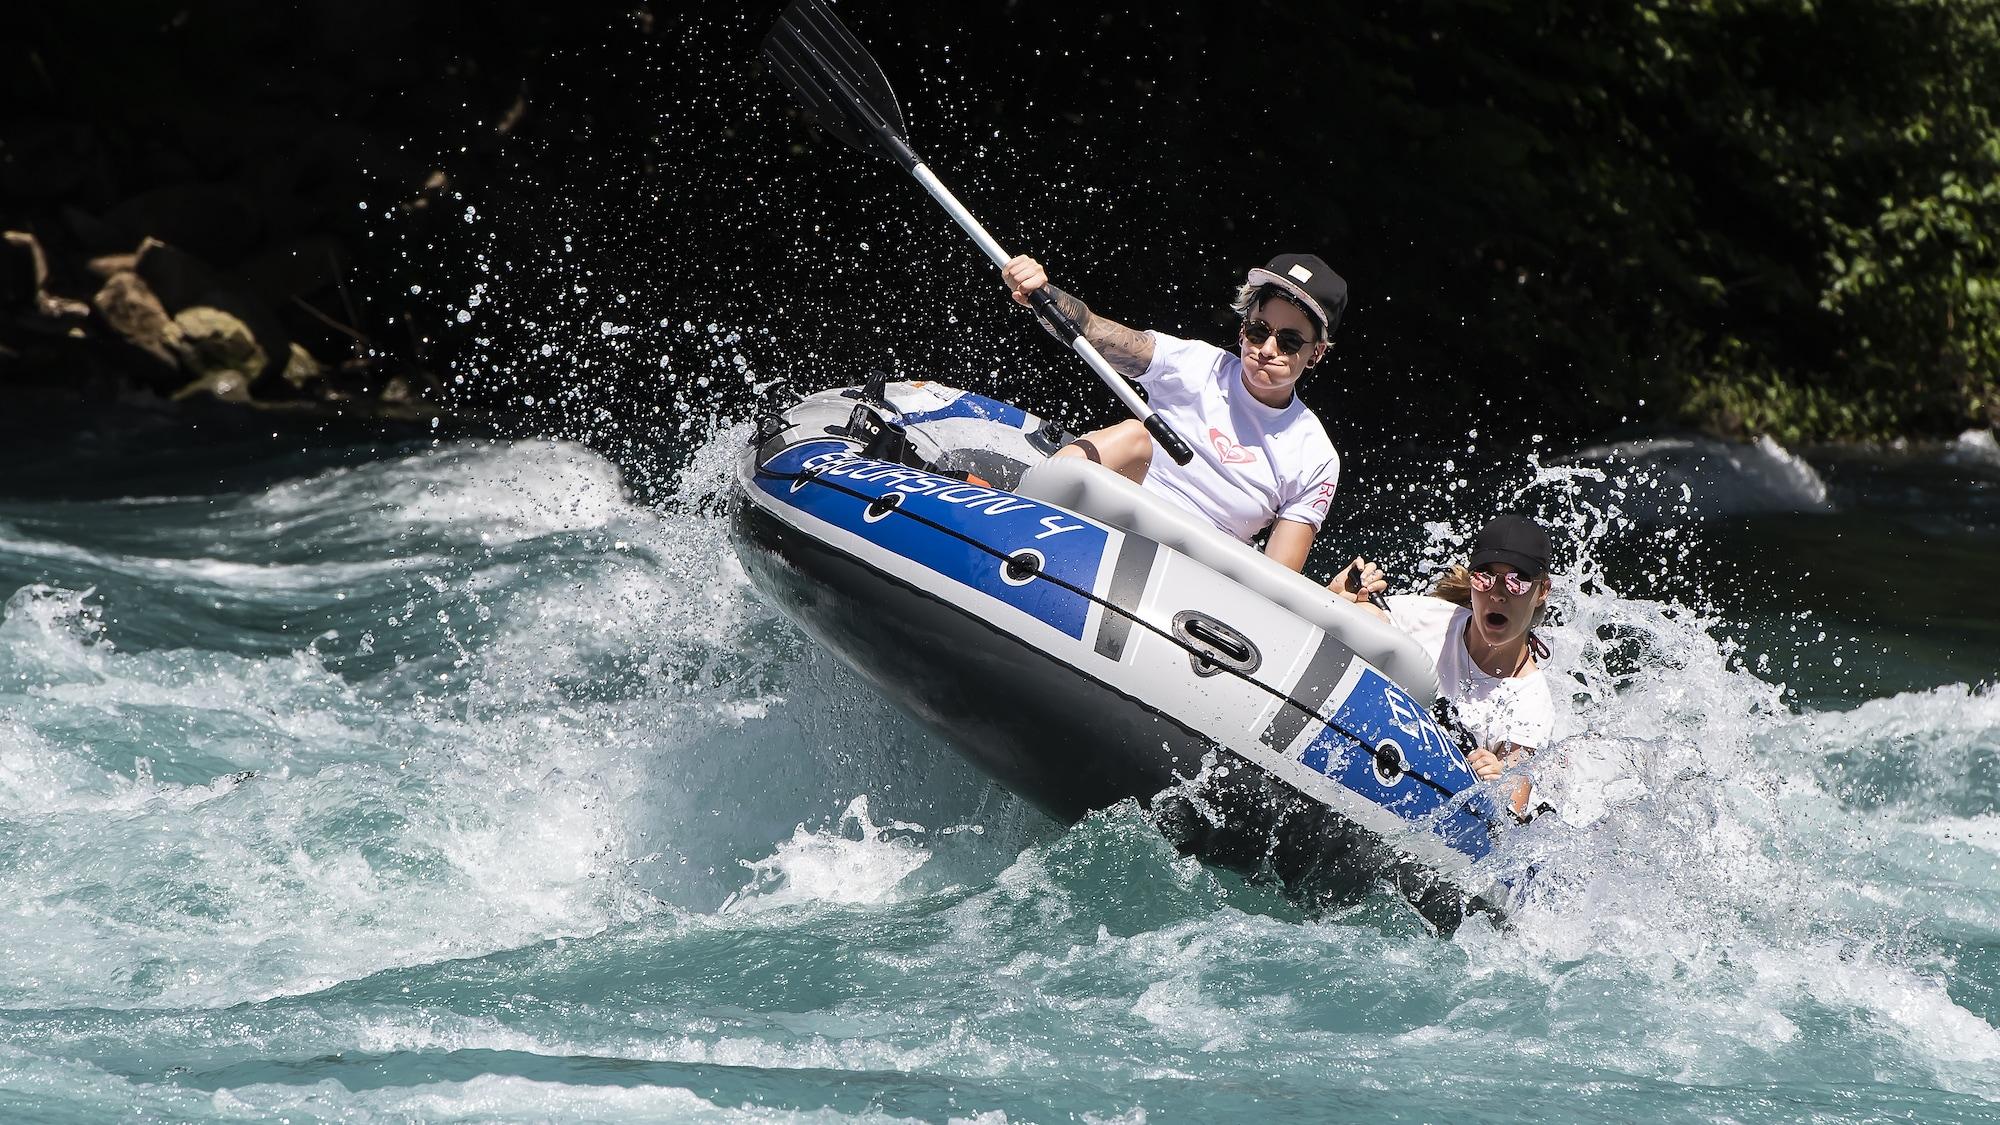 «Gefahren sind vielen nicht bewusst»: Schon 20 Todesopfer in Schweizer Gewässern